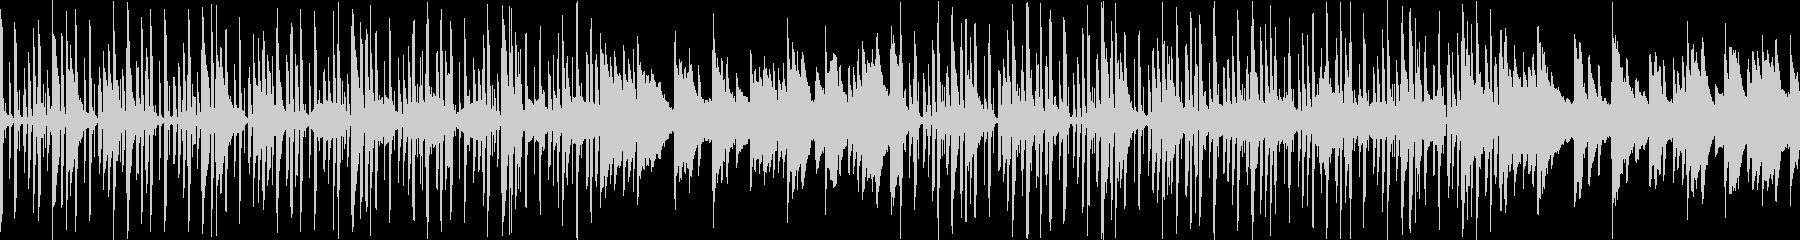 【ドラム抜き】ほのぼの明るい素朴なBGMの未再生の波形